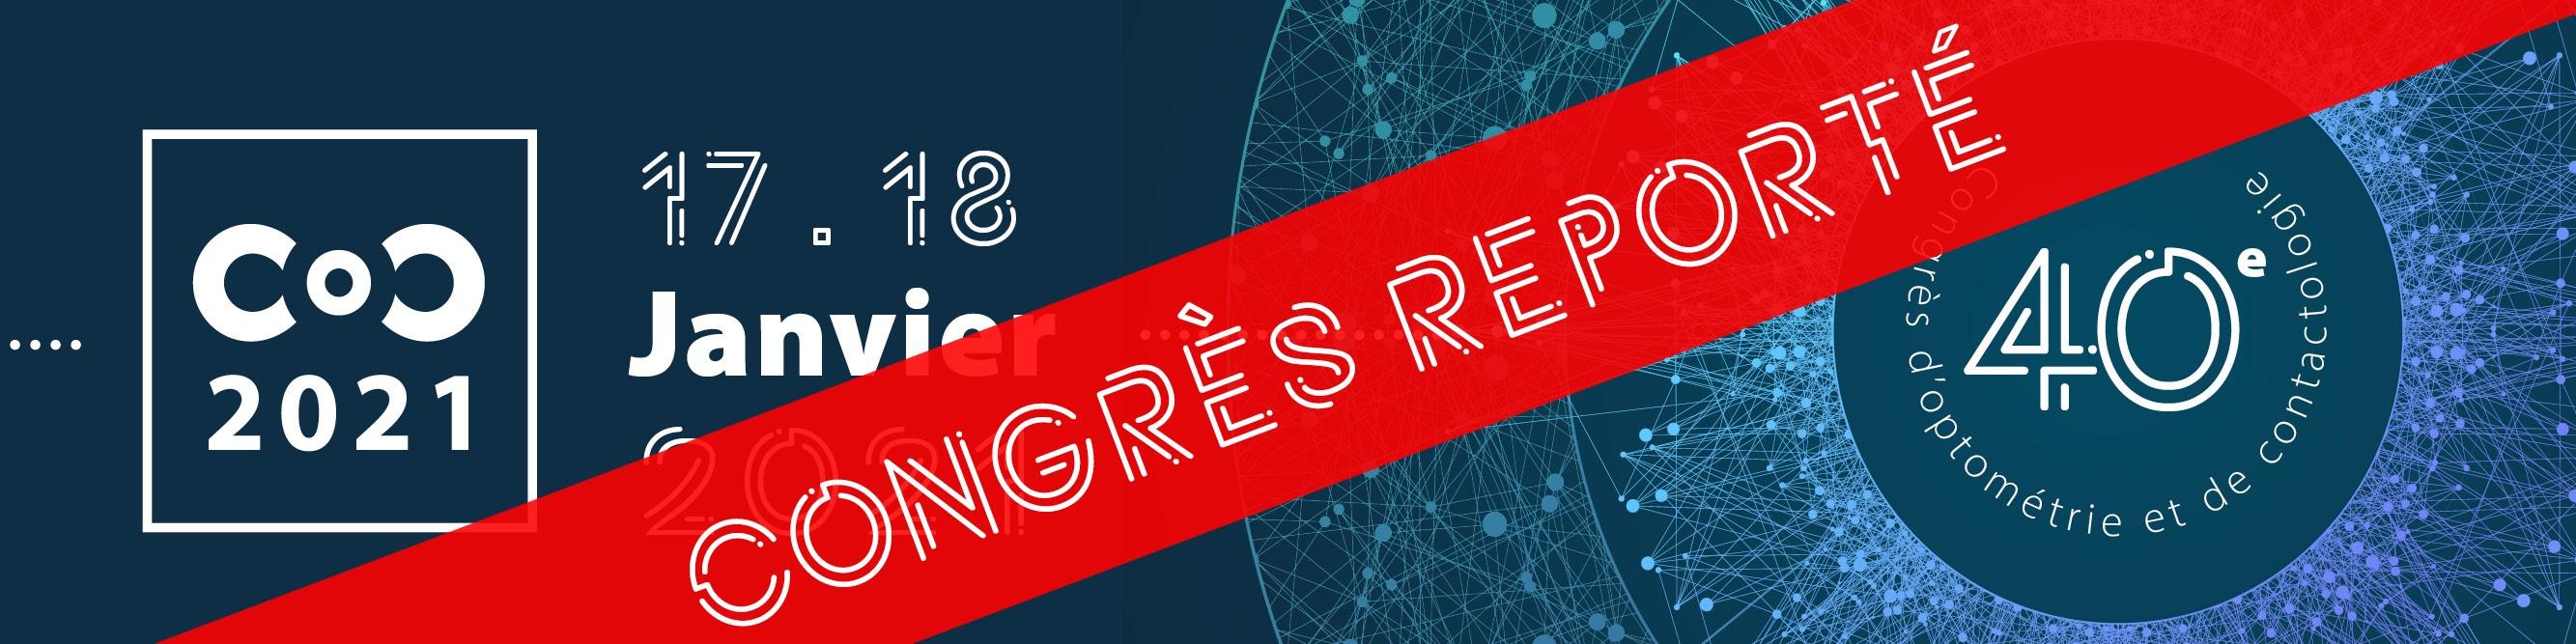 Le 40ème Congrès d'Optométrie et de Contactologie est reporté